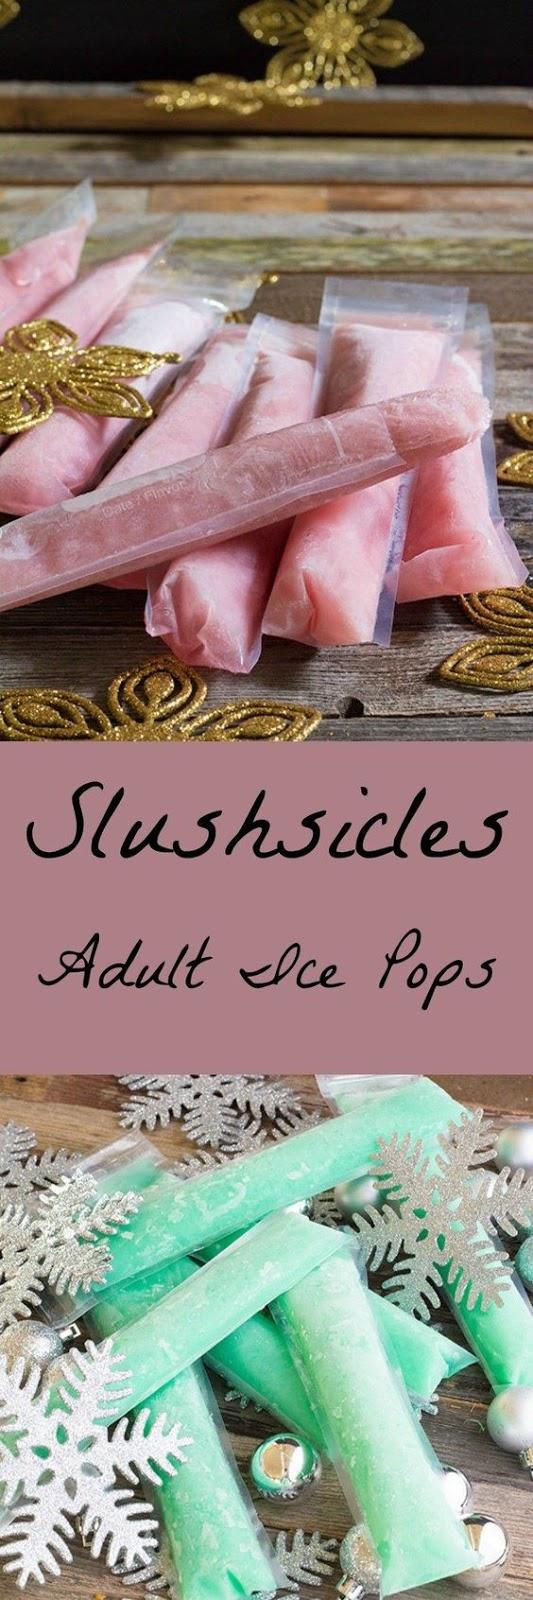 Slushsicles Adult Ice Pops